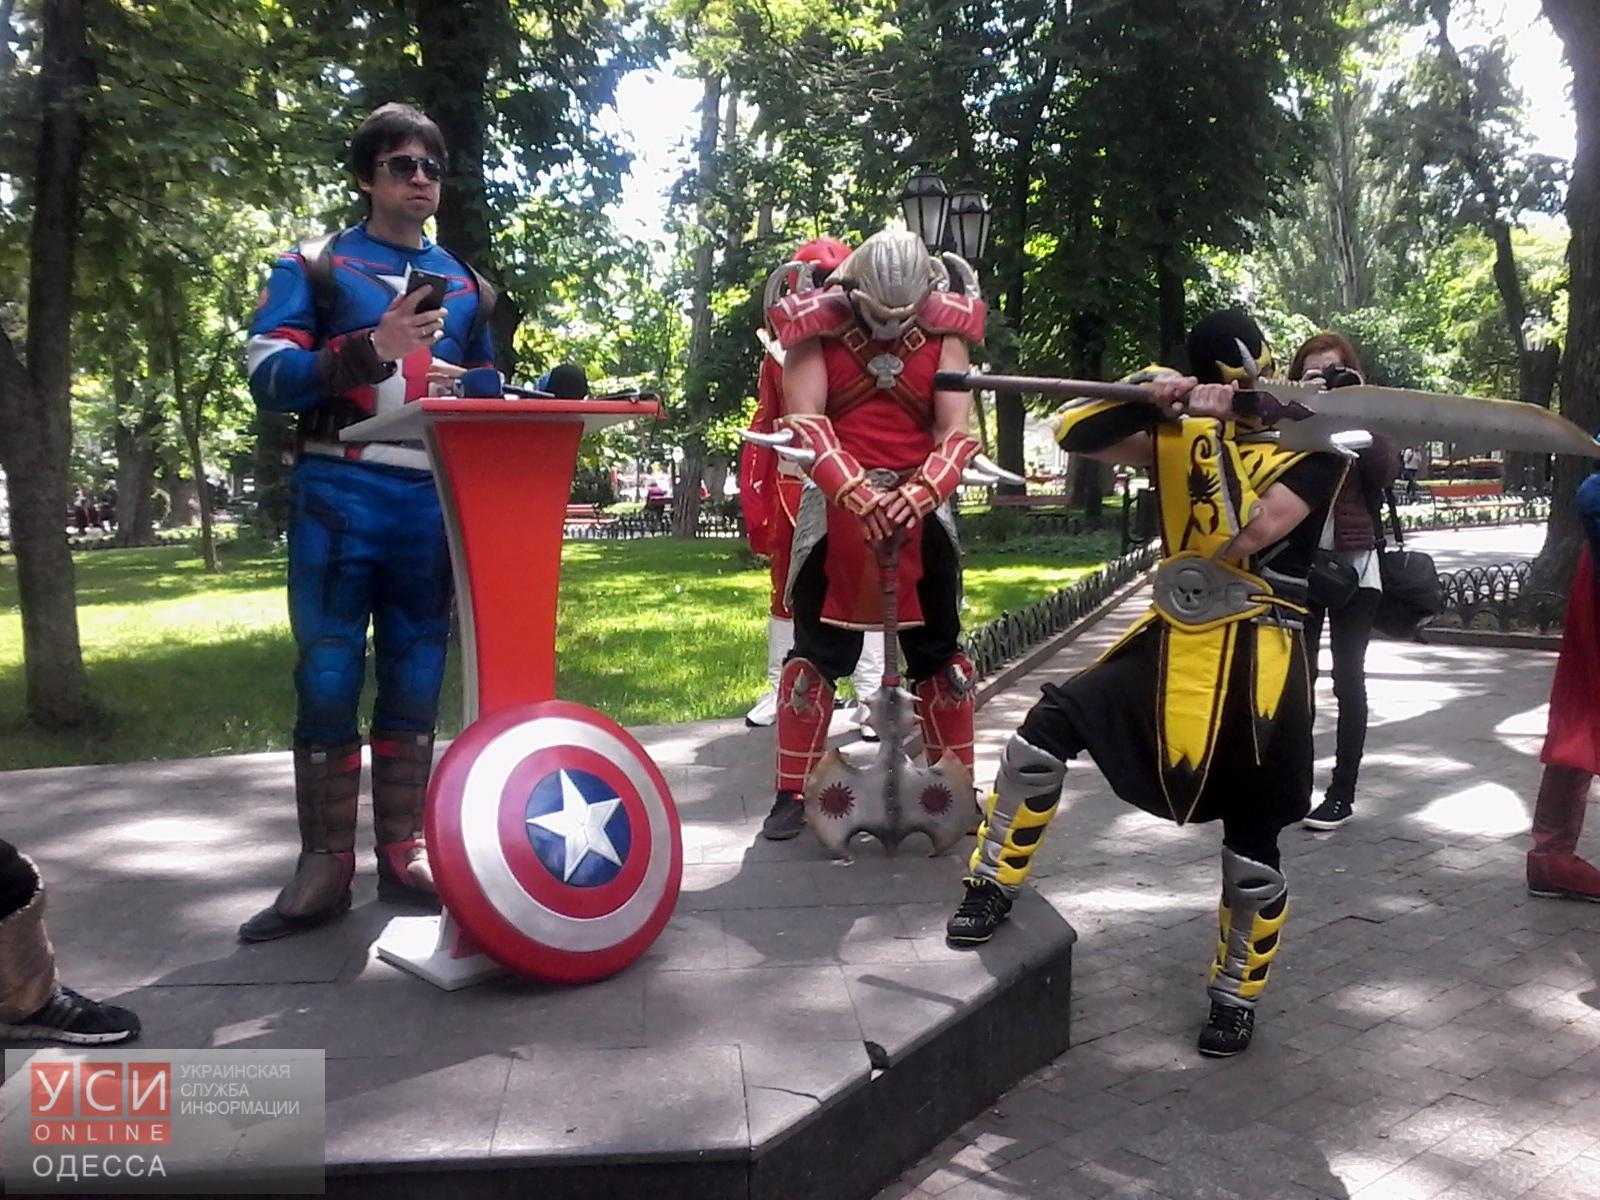 Одесситам предлагают одеться в костюмы супергероев и помочь детям